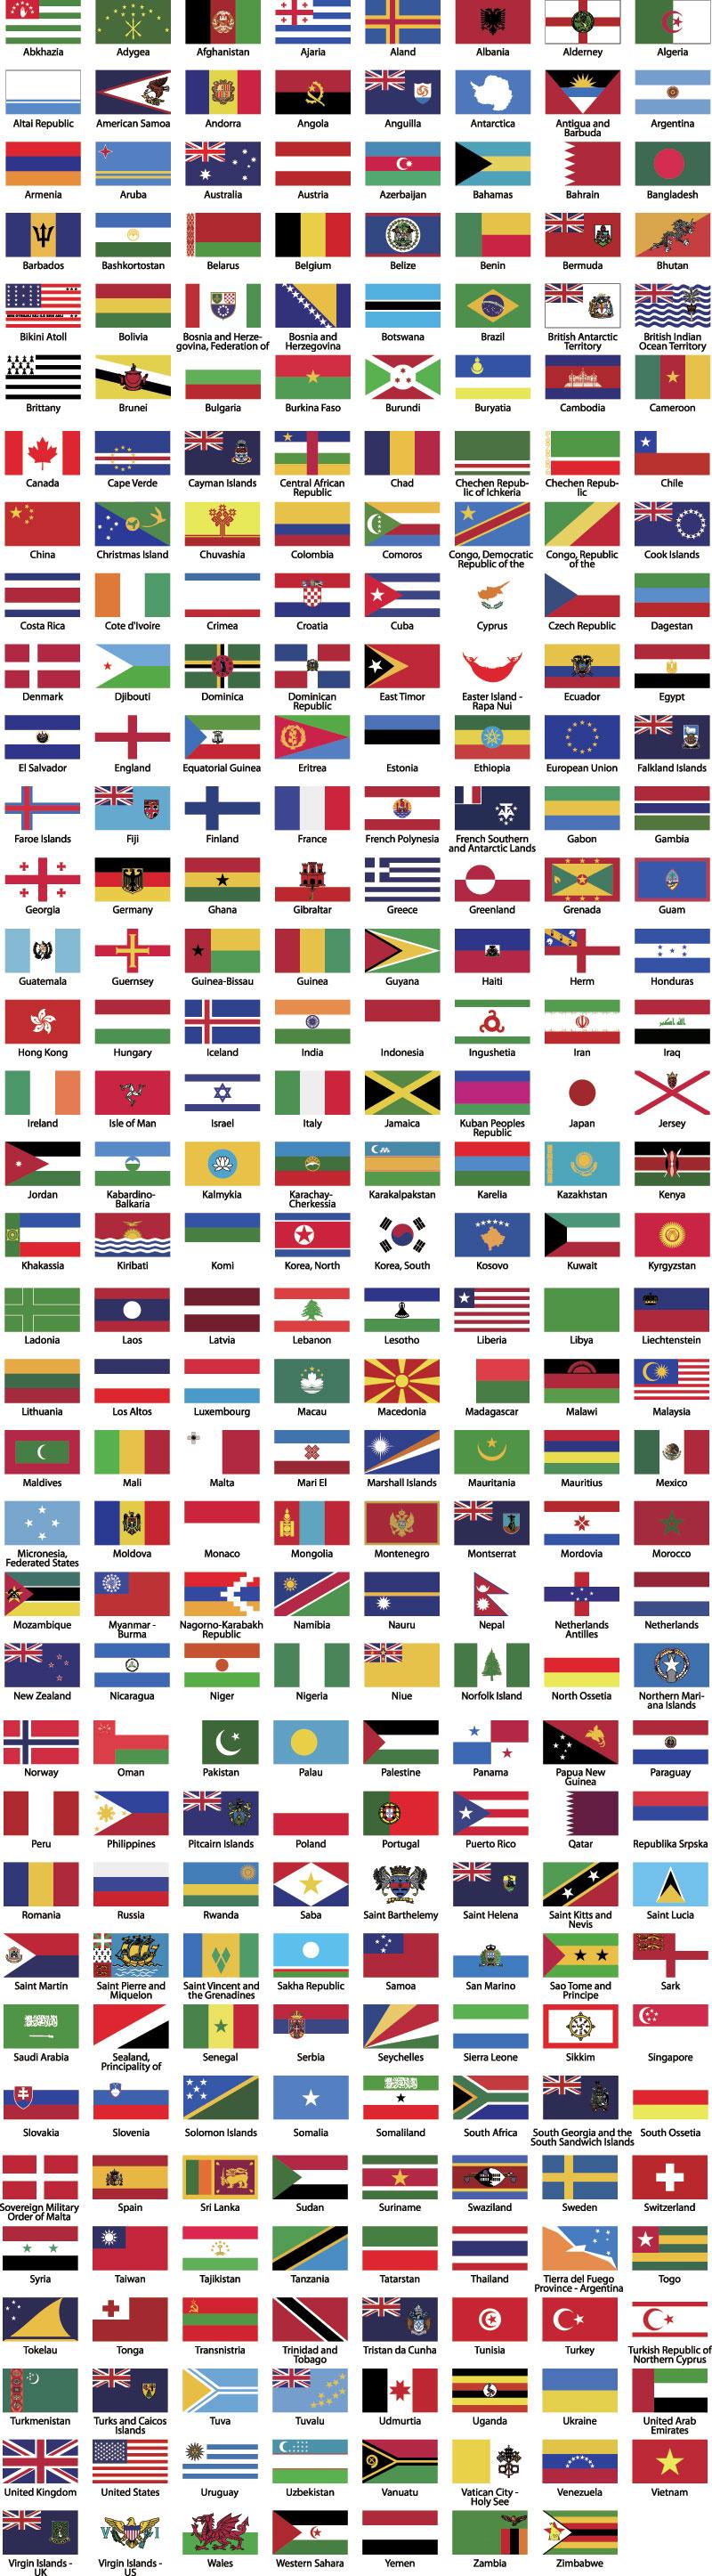 Alle verdens flag